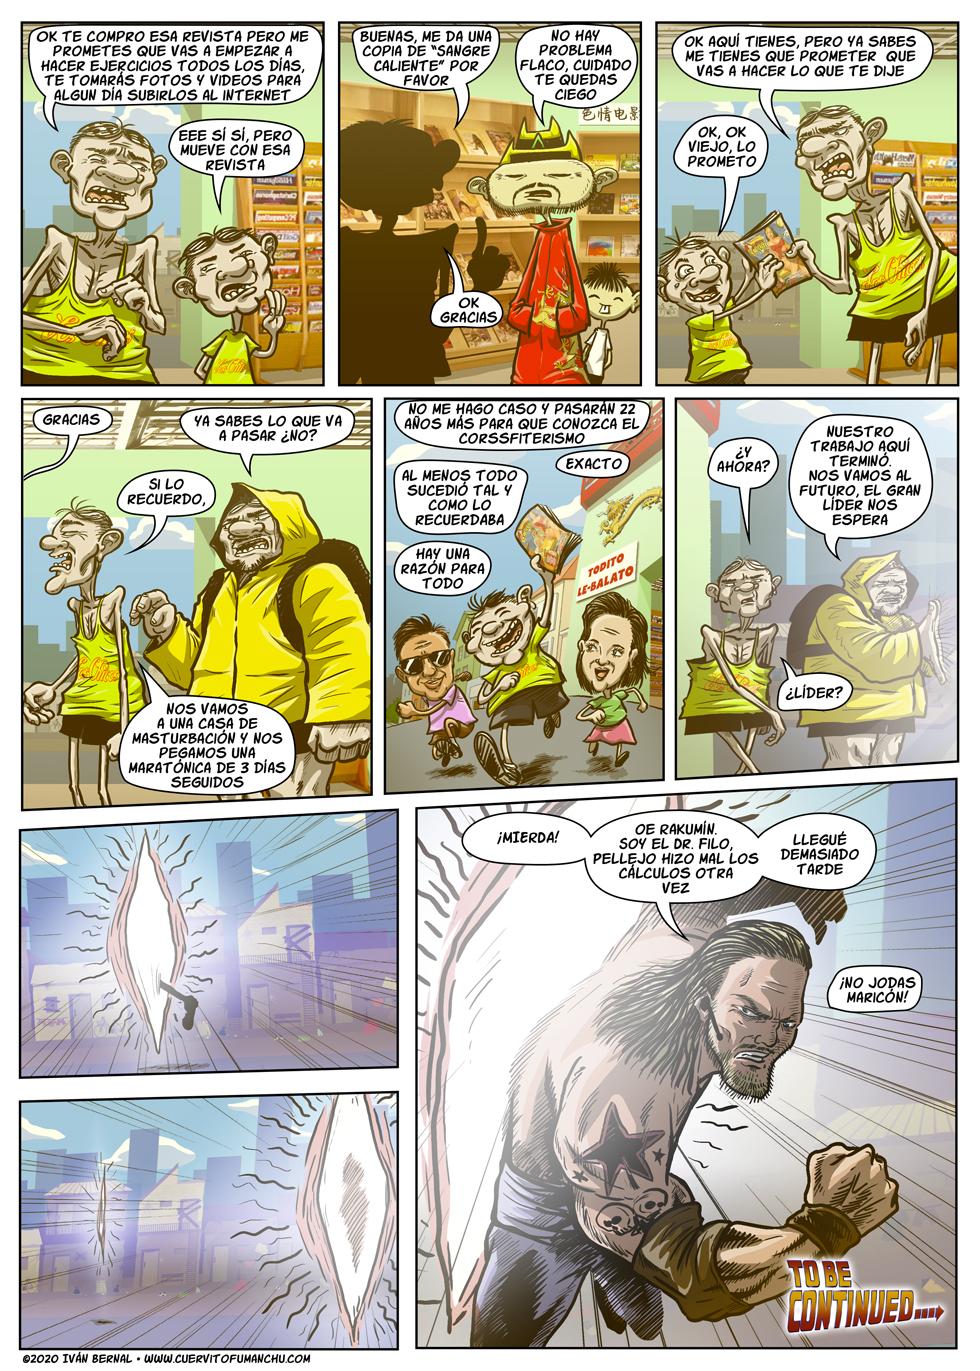 219. El Doctor Filo